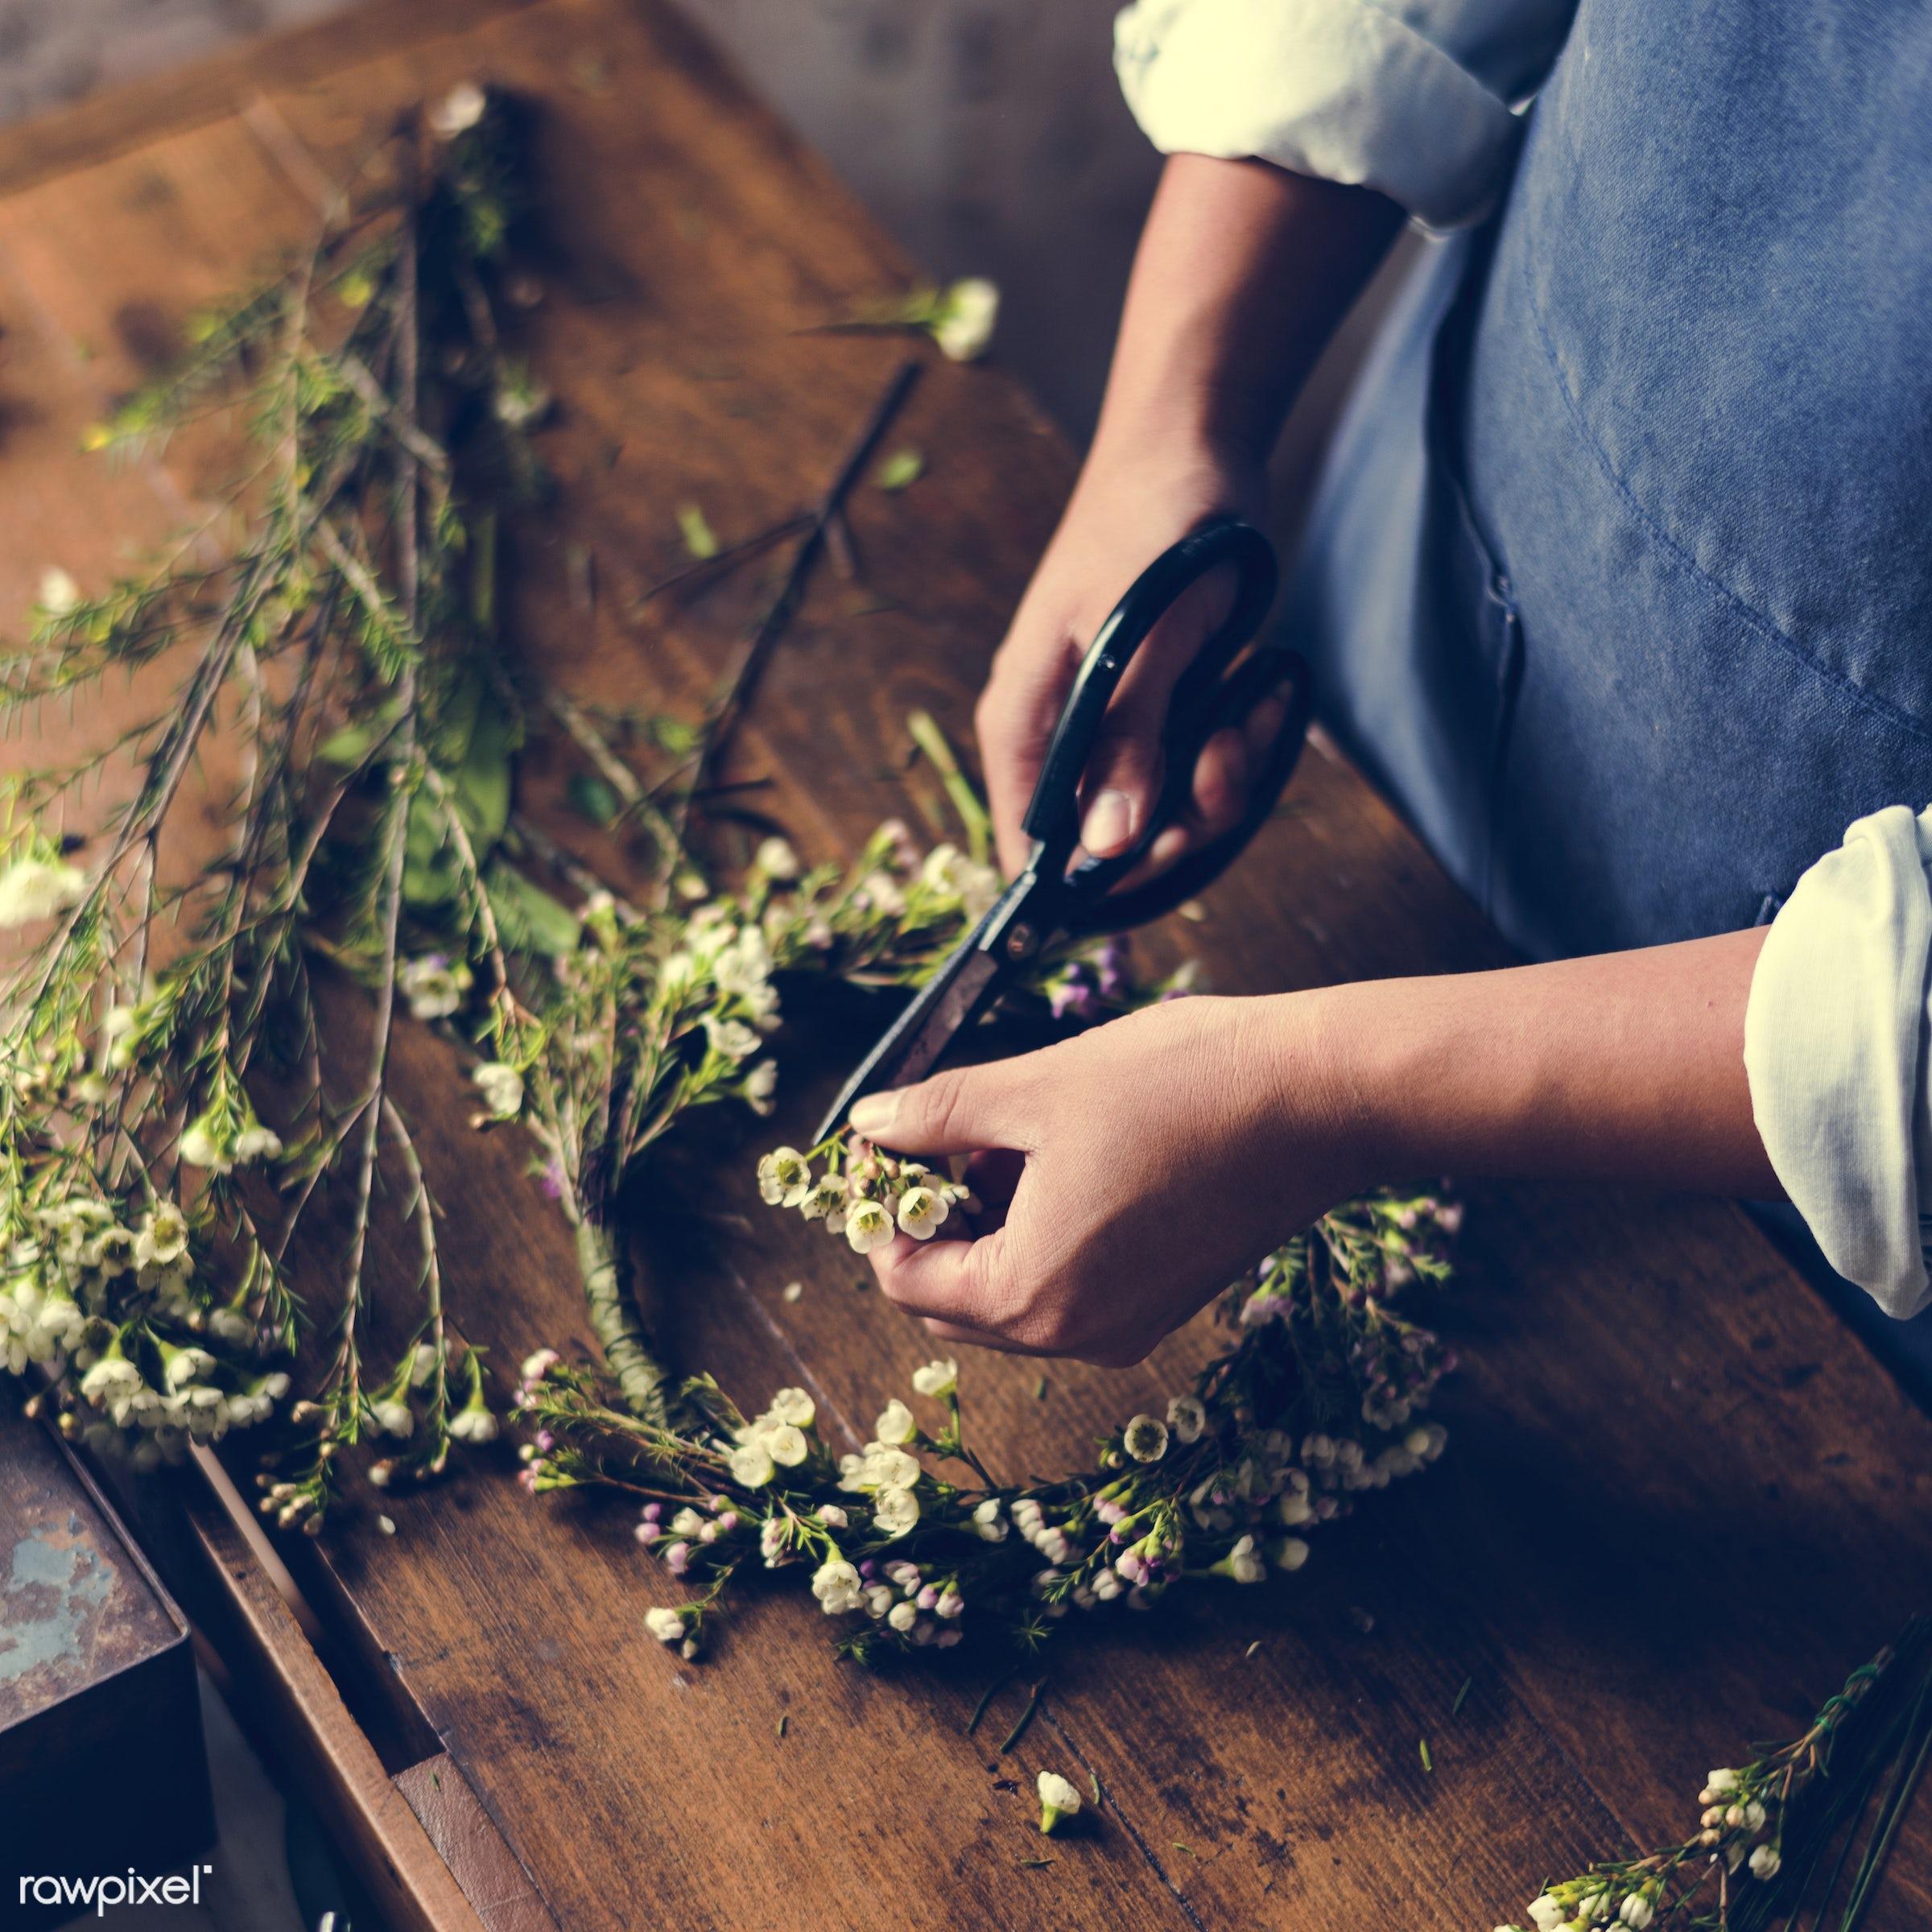 shop, person, detail, people, wax flower, decor, nature, flowers, work, refreshment, florist, present, arrangement, natural...